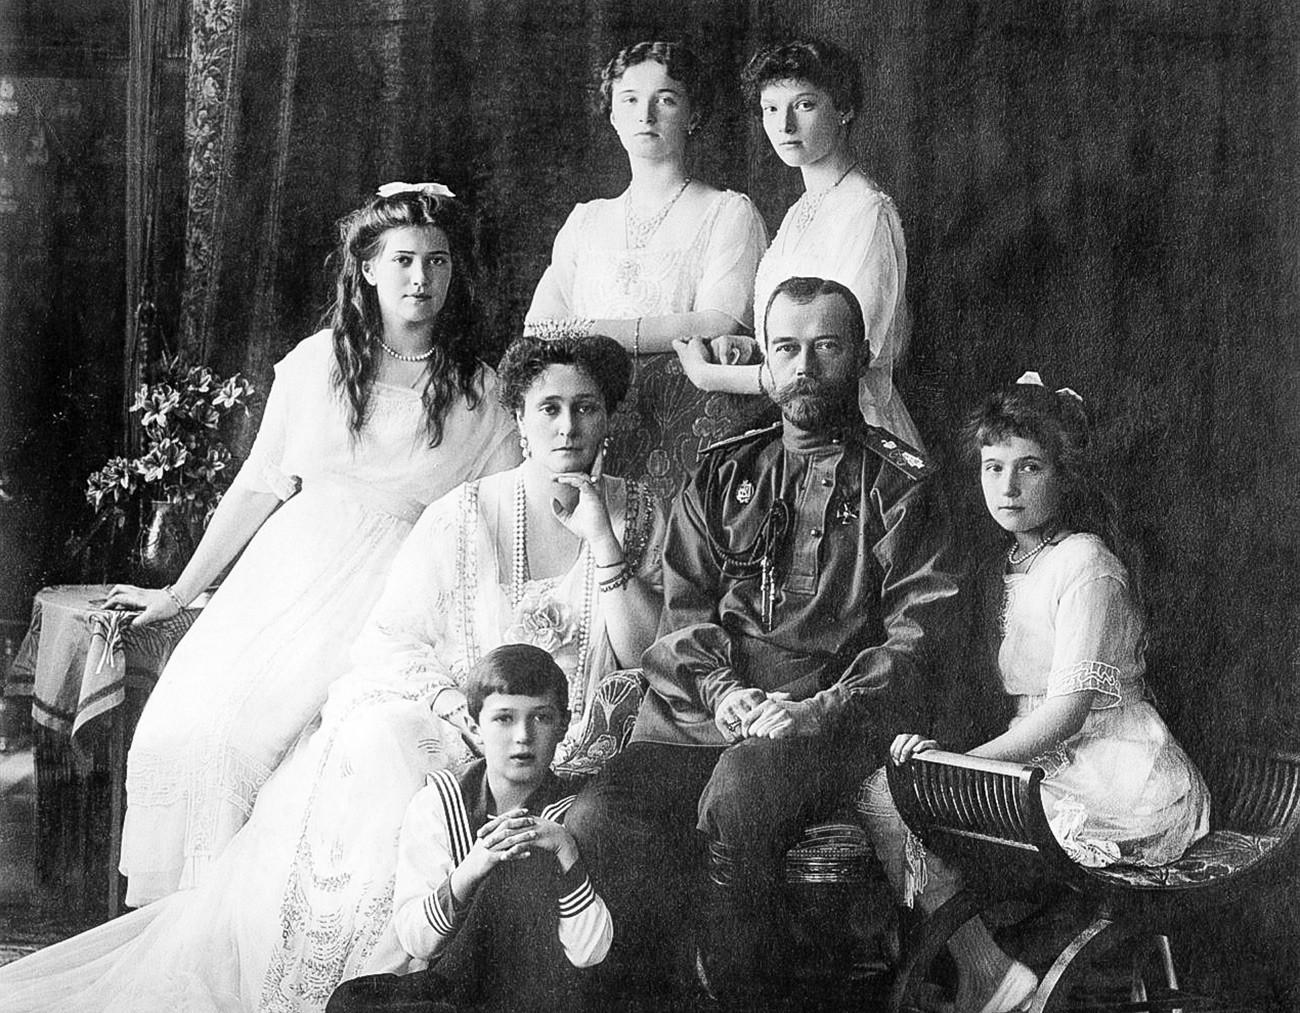 ニコライ2世、妻のアリックス(洗礼後はアレクサンドラ・フョードロヴナ)と彼らの子供たち。